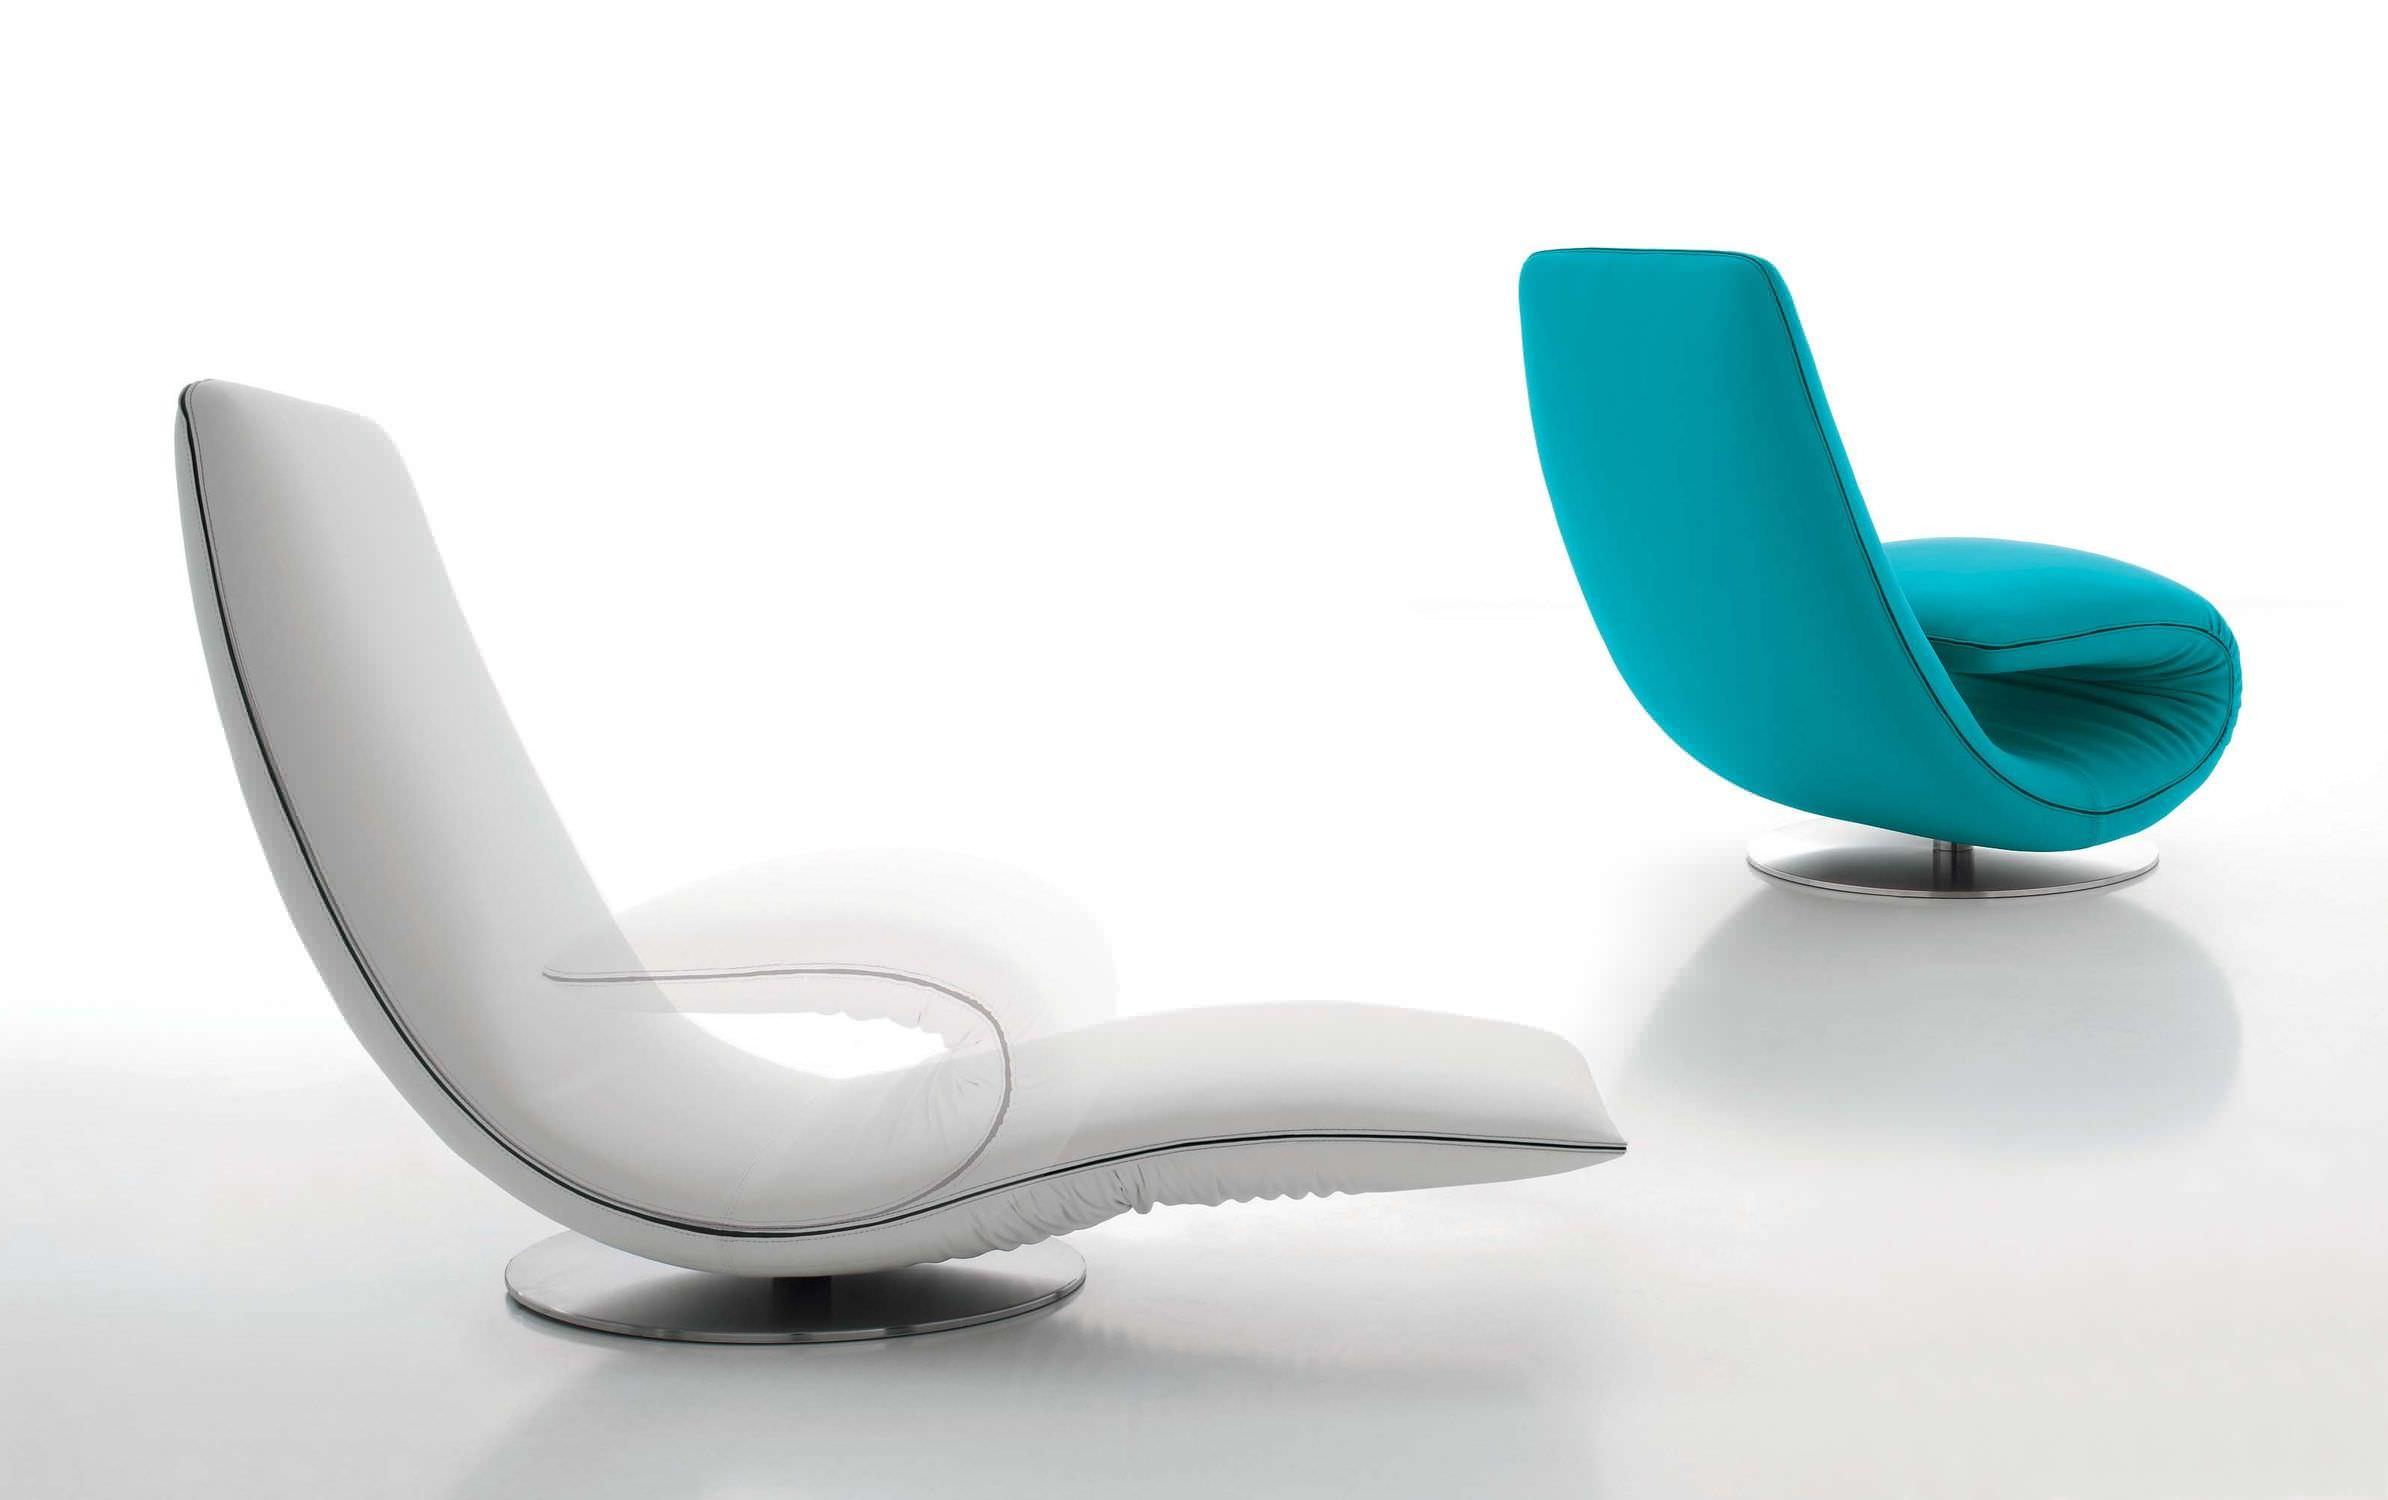 Chaise longue design originale / in tessuto / in pelle / pieghevole ...